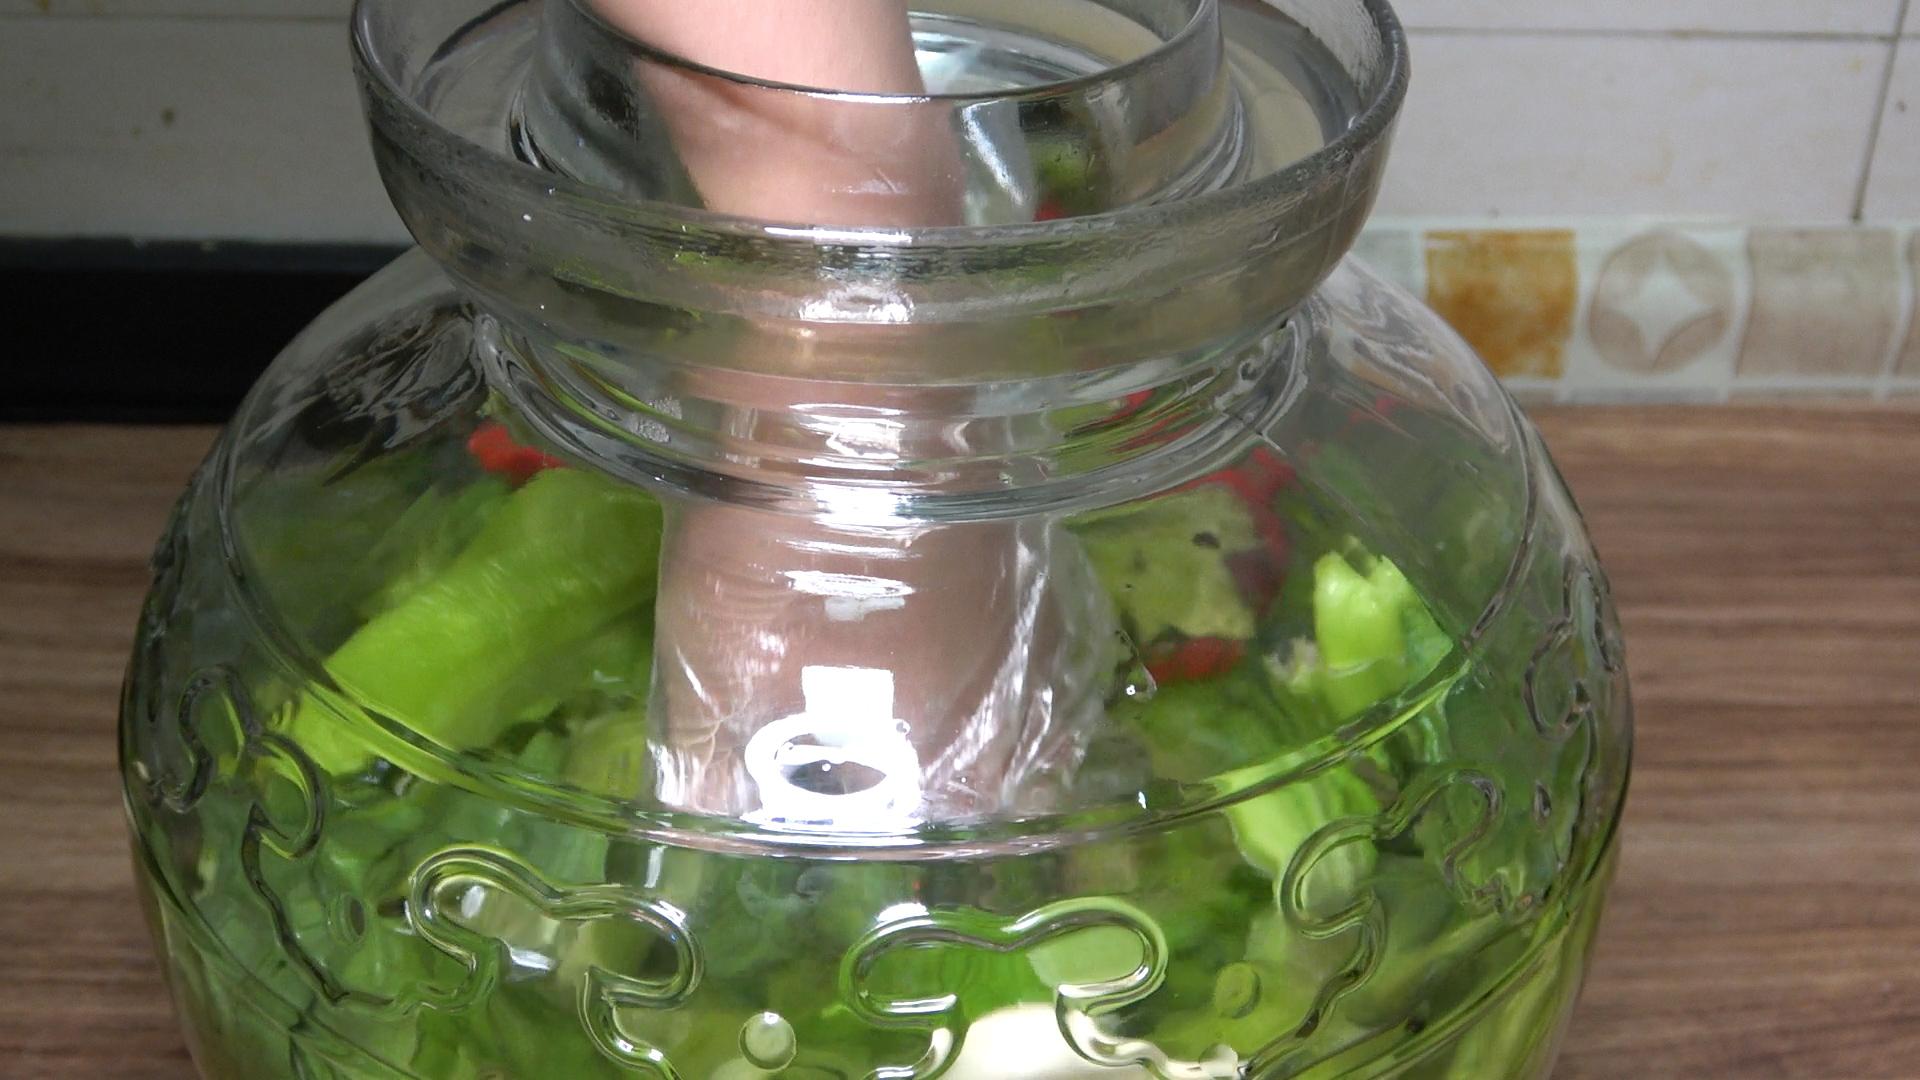 泡酸菜别只加盐,30年老方法告诉你,又酸又脆,放一年不会坏 美食做法 第9张